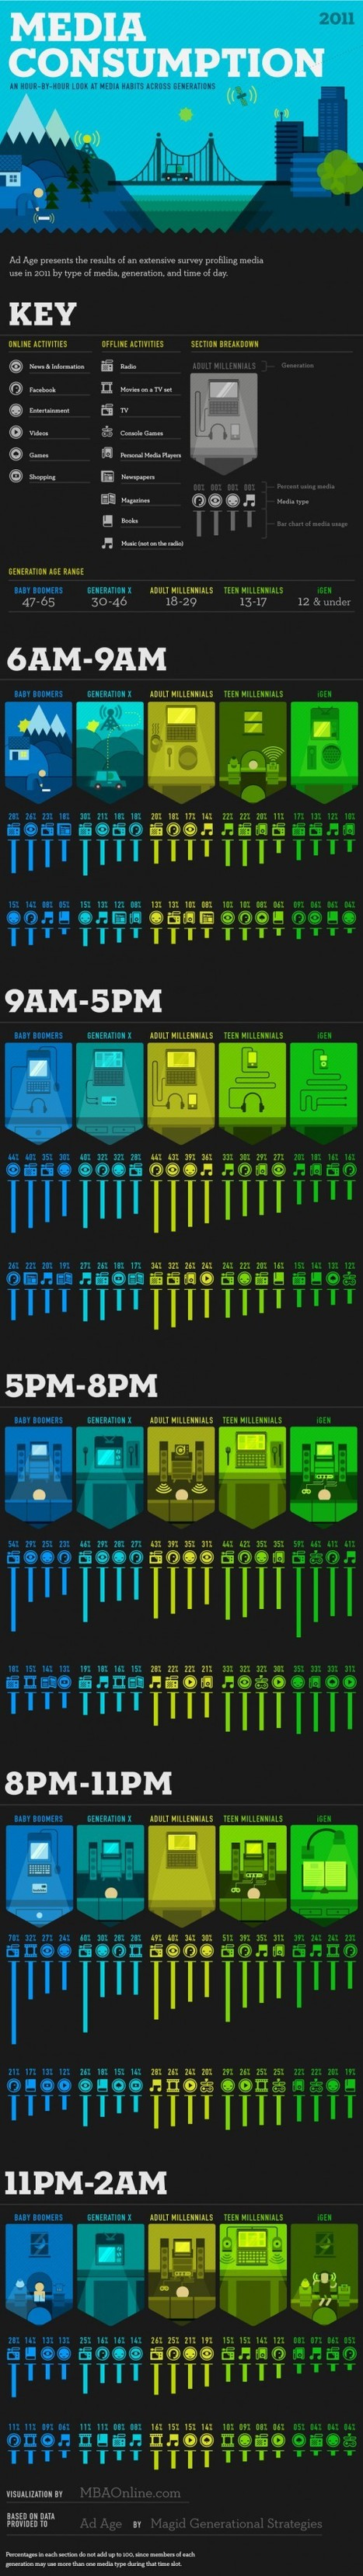 [Infographie] La consommation de média, heure par heure! | Social Media Curation par Mon Habitat Web | Scoop.it